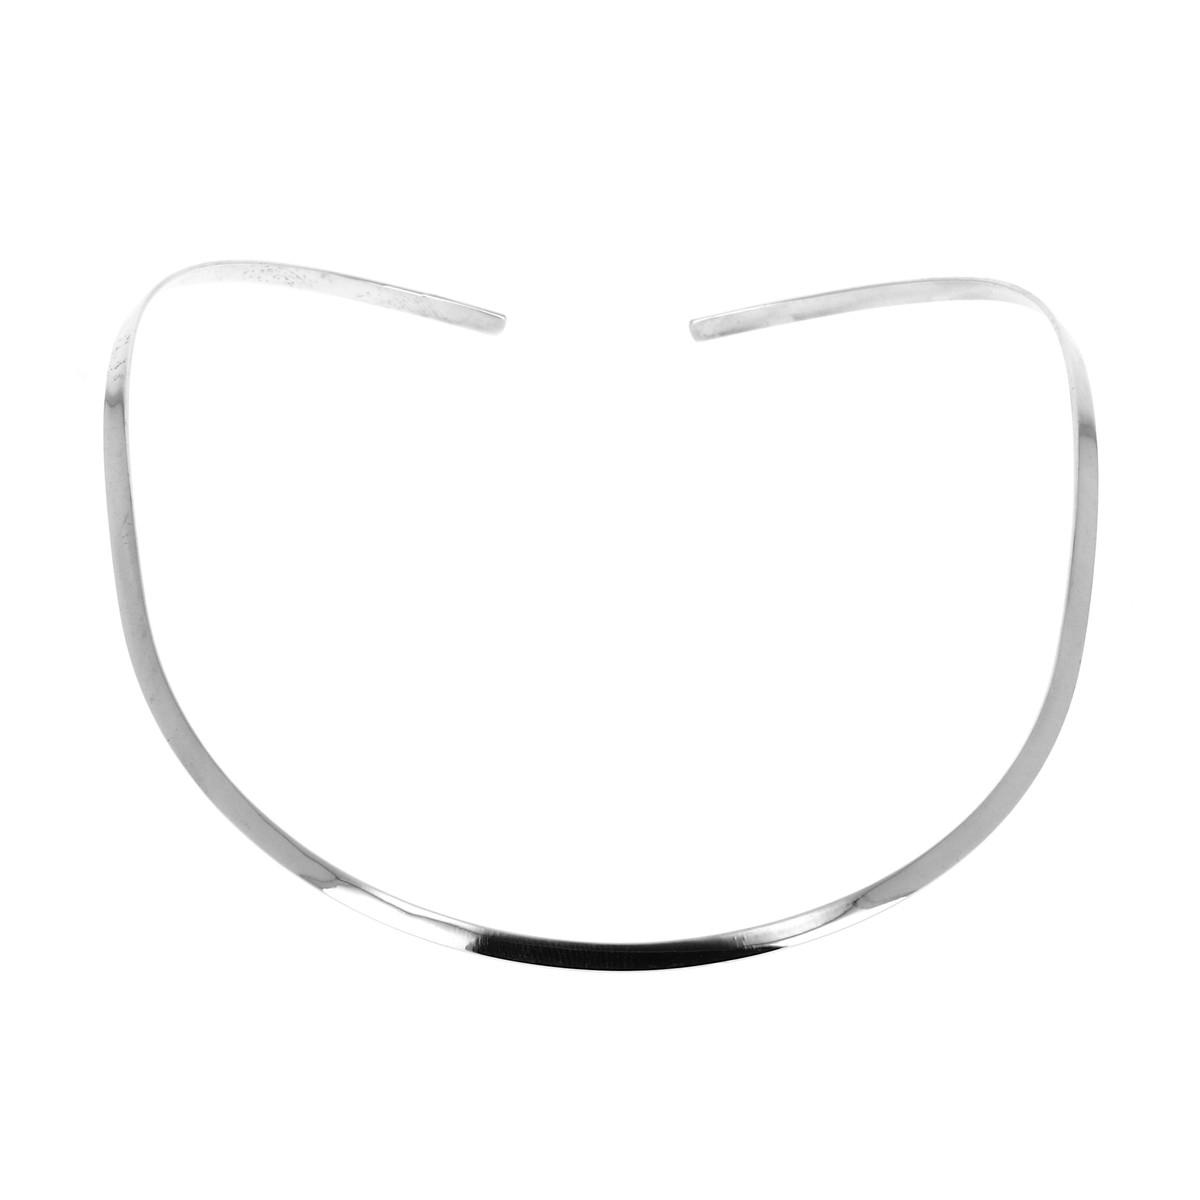 acheter pas cher 100% authentique Nouveaux produits Collier argent Tour de cou fin et ovale